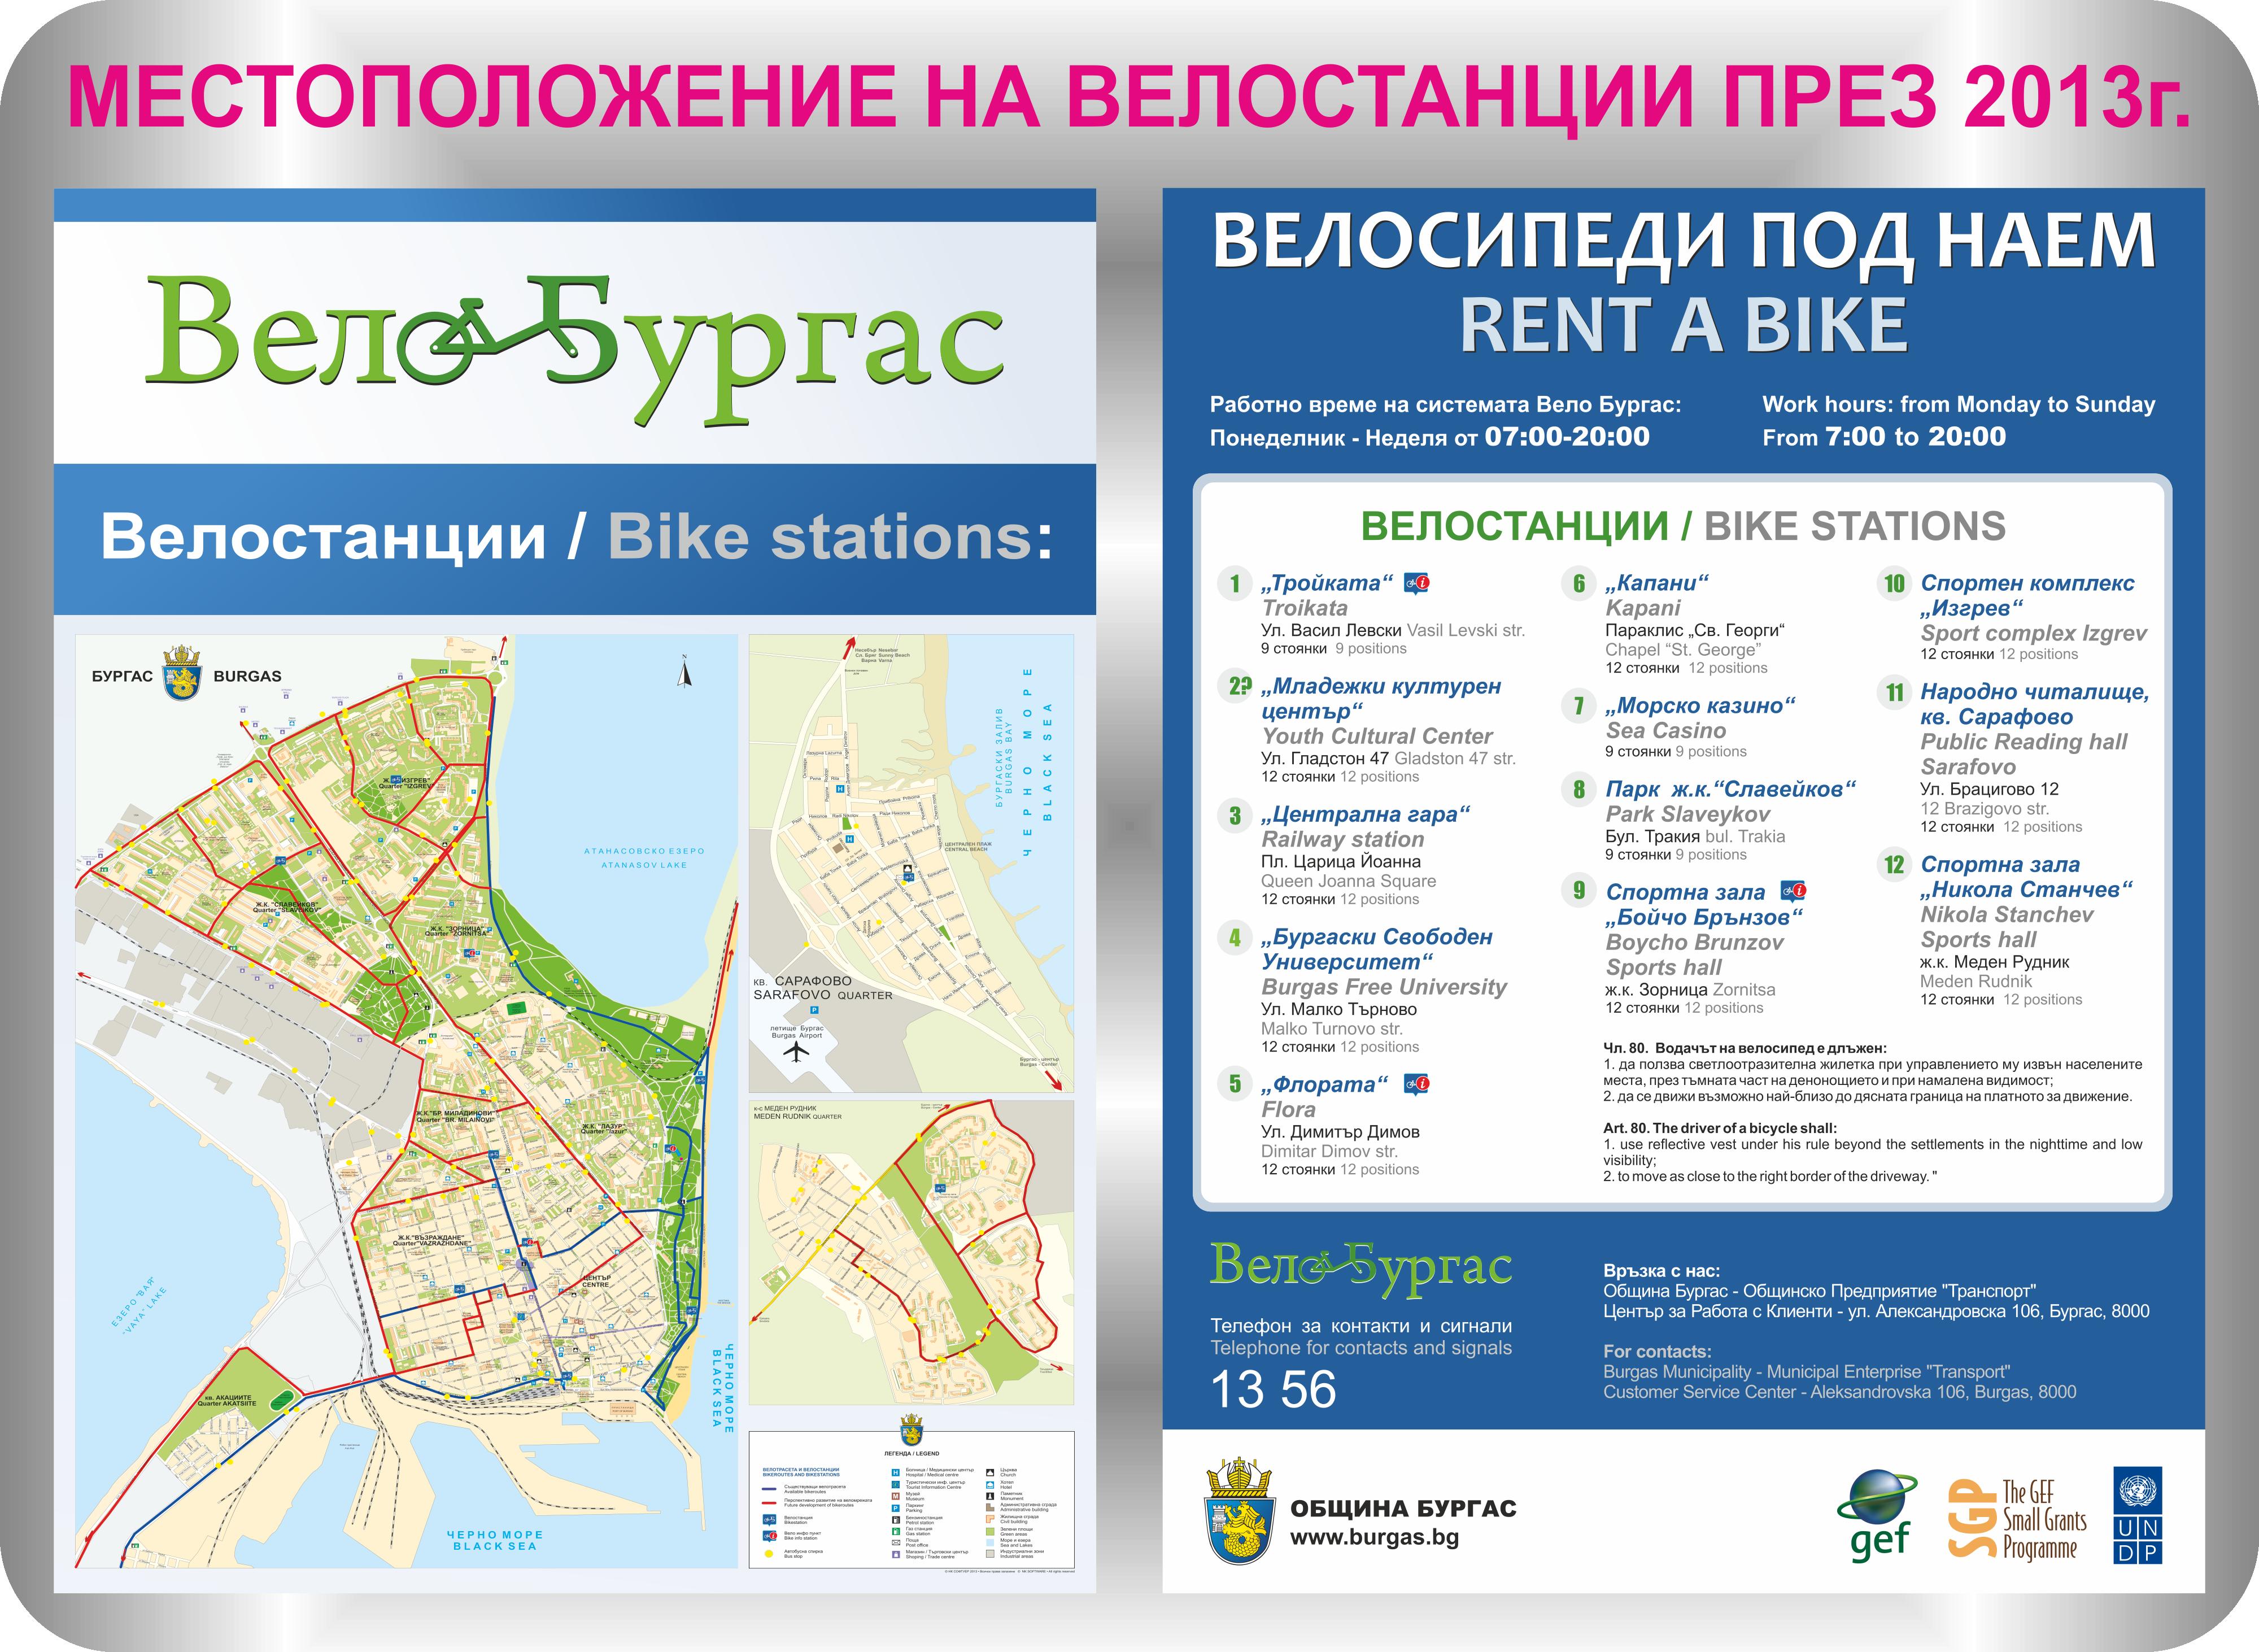 2013 Местоположение на велостанции